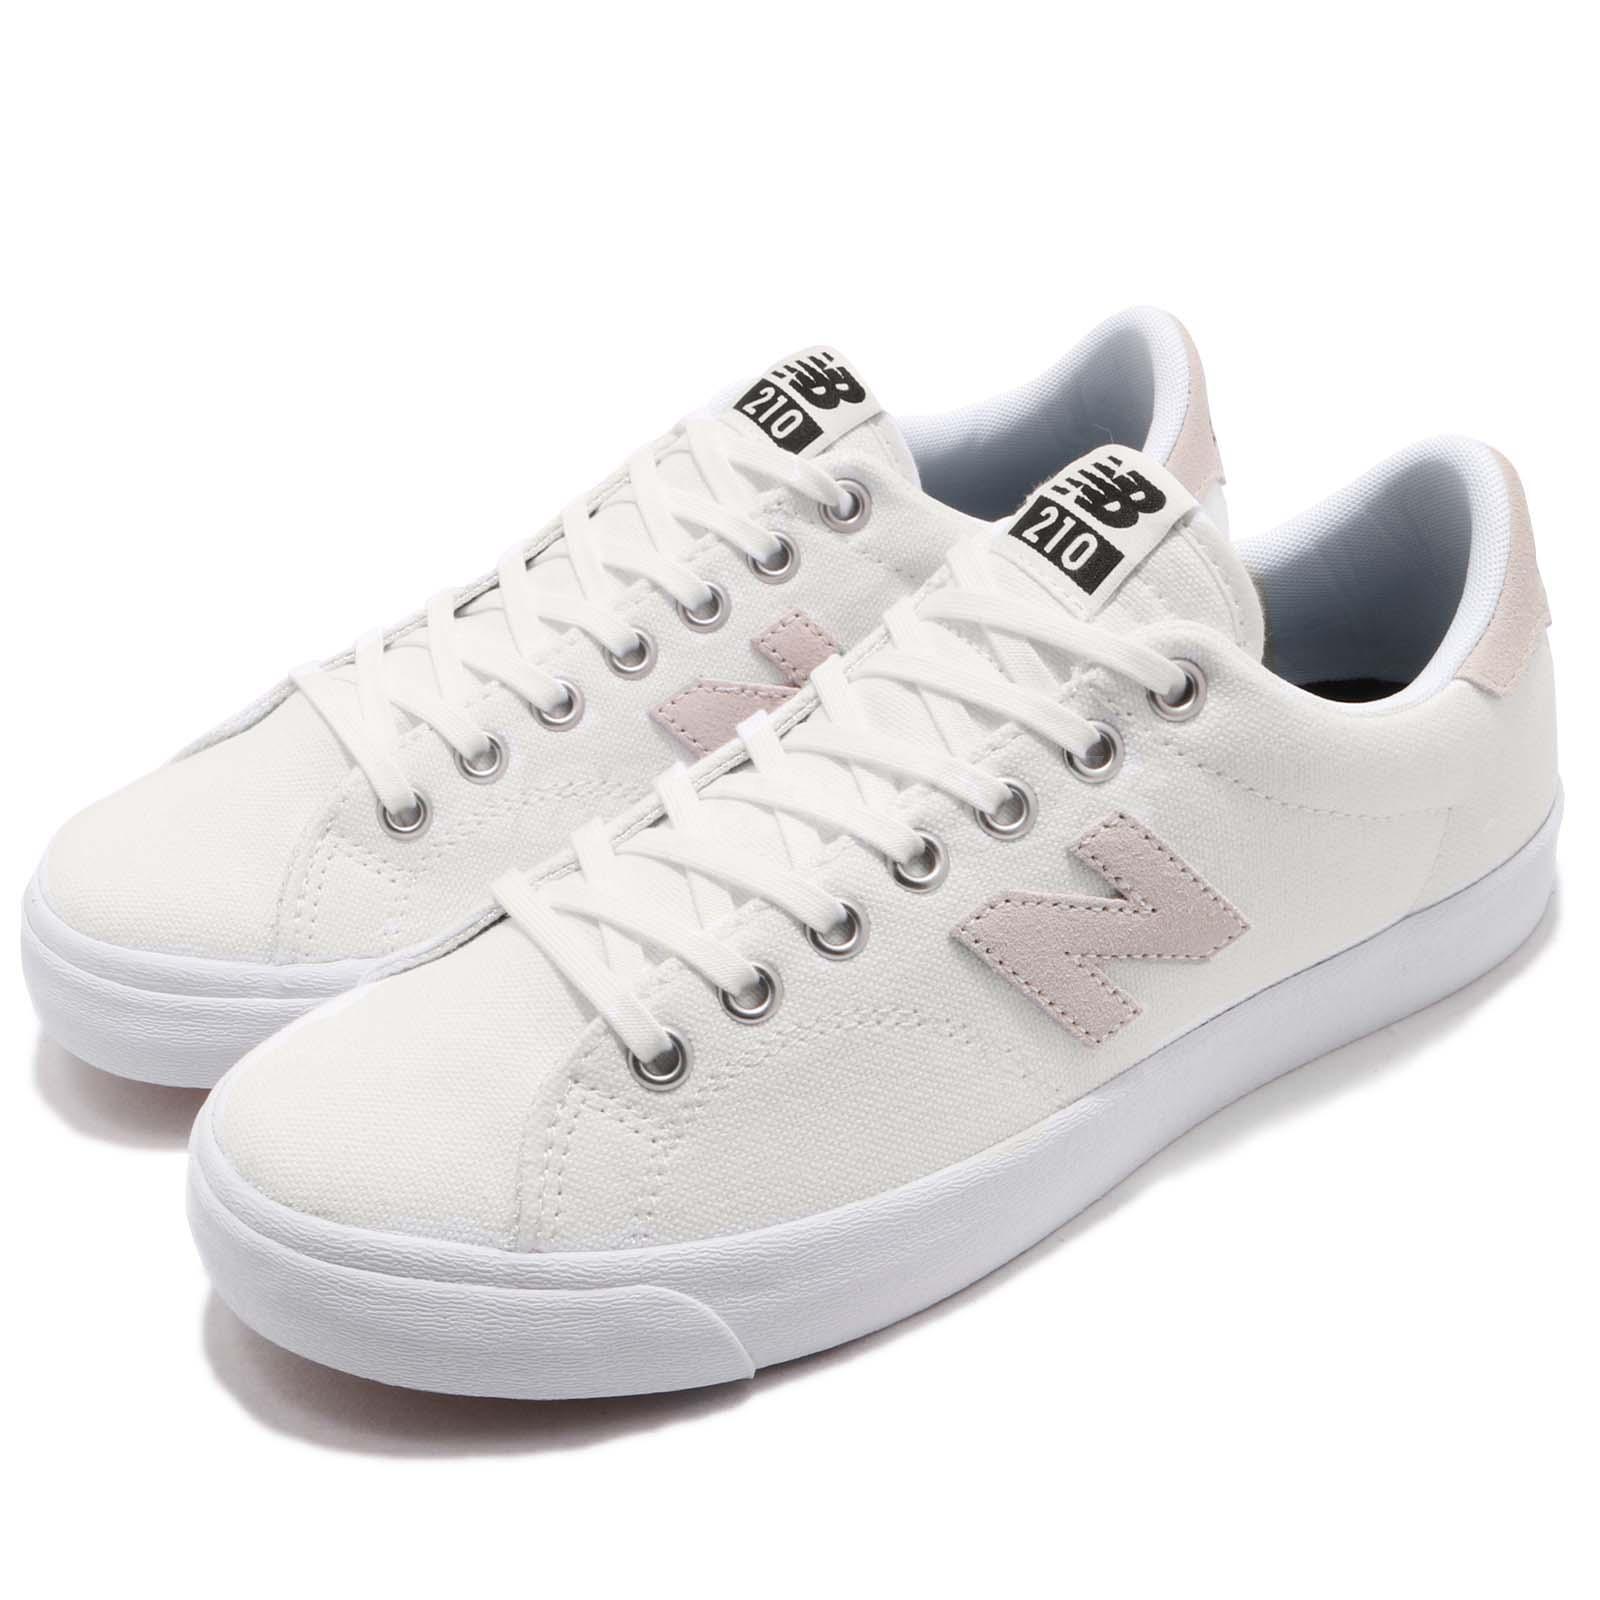 New Balance AM210OFW D Fresh Foam Ivory White Uomo Lifestyle Shoes AM210OFWD